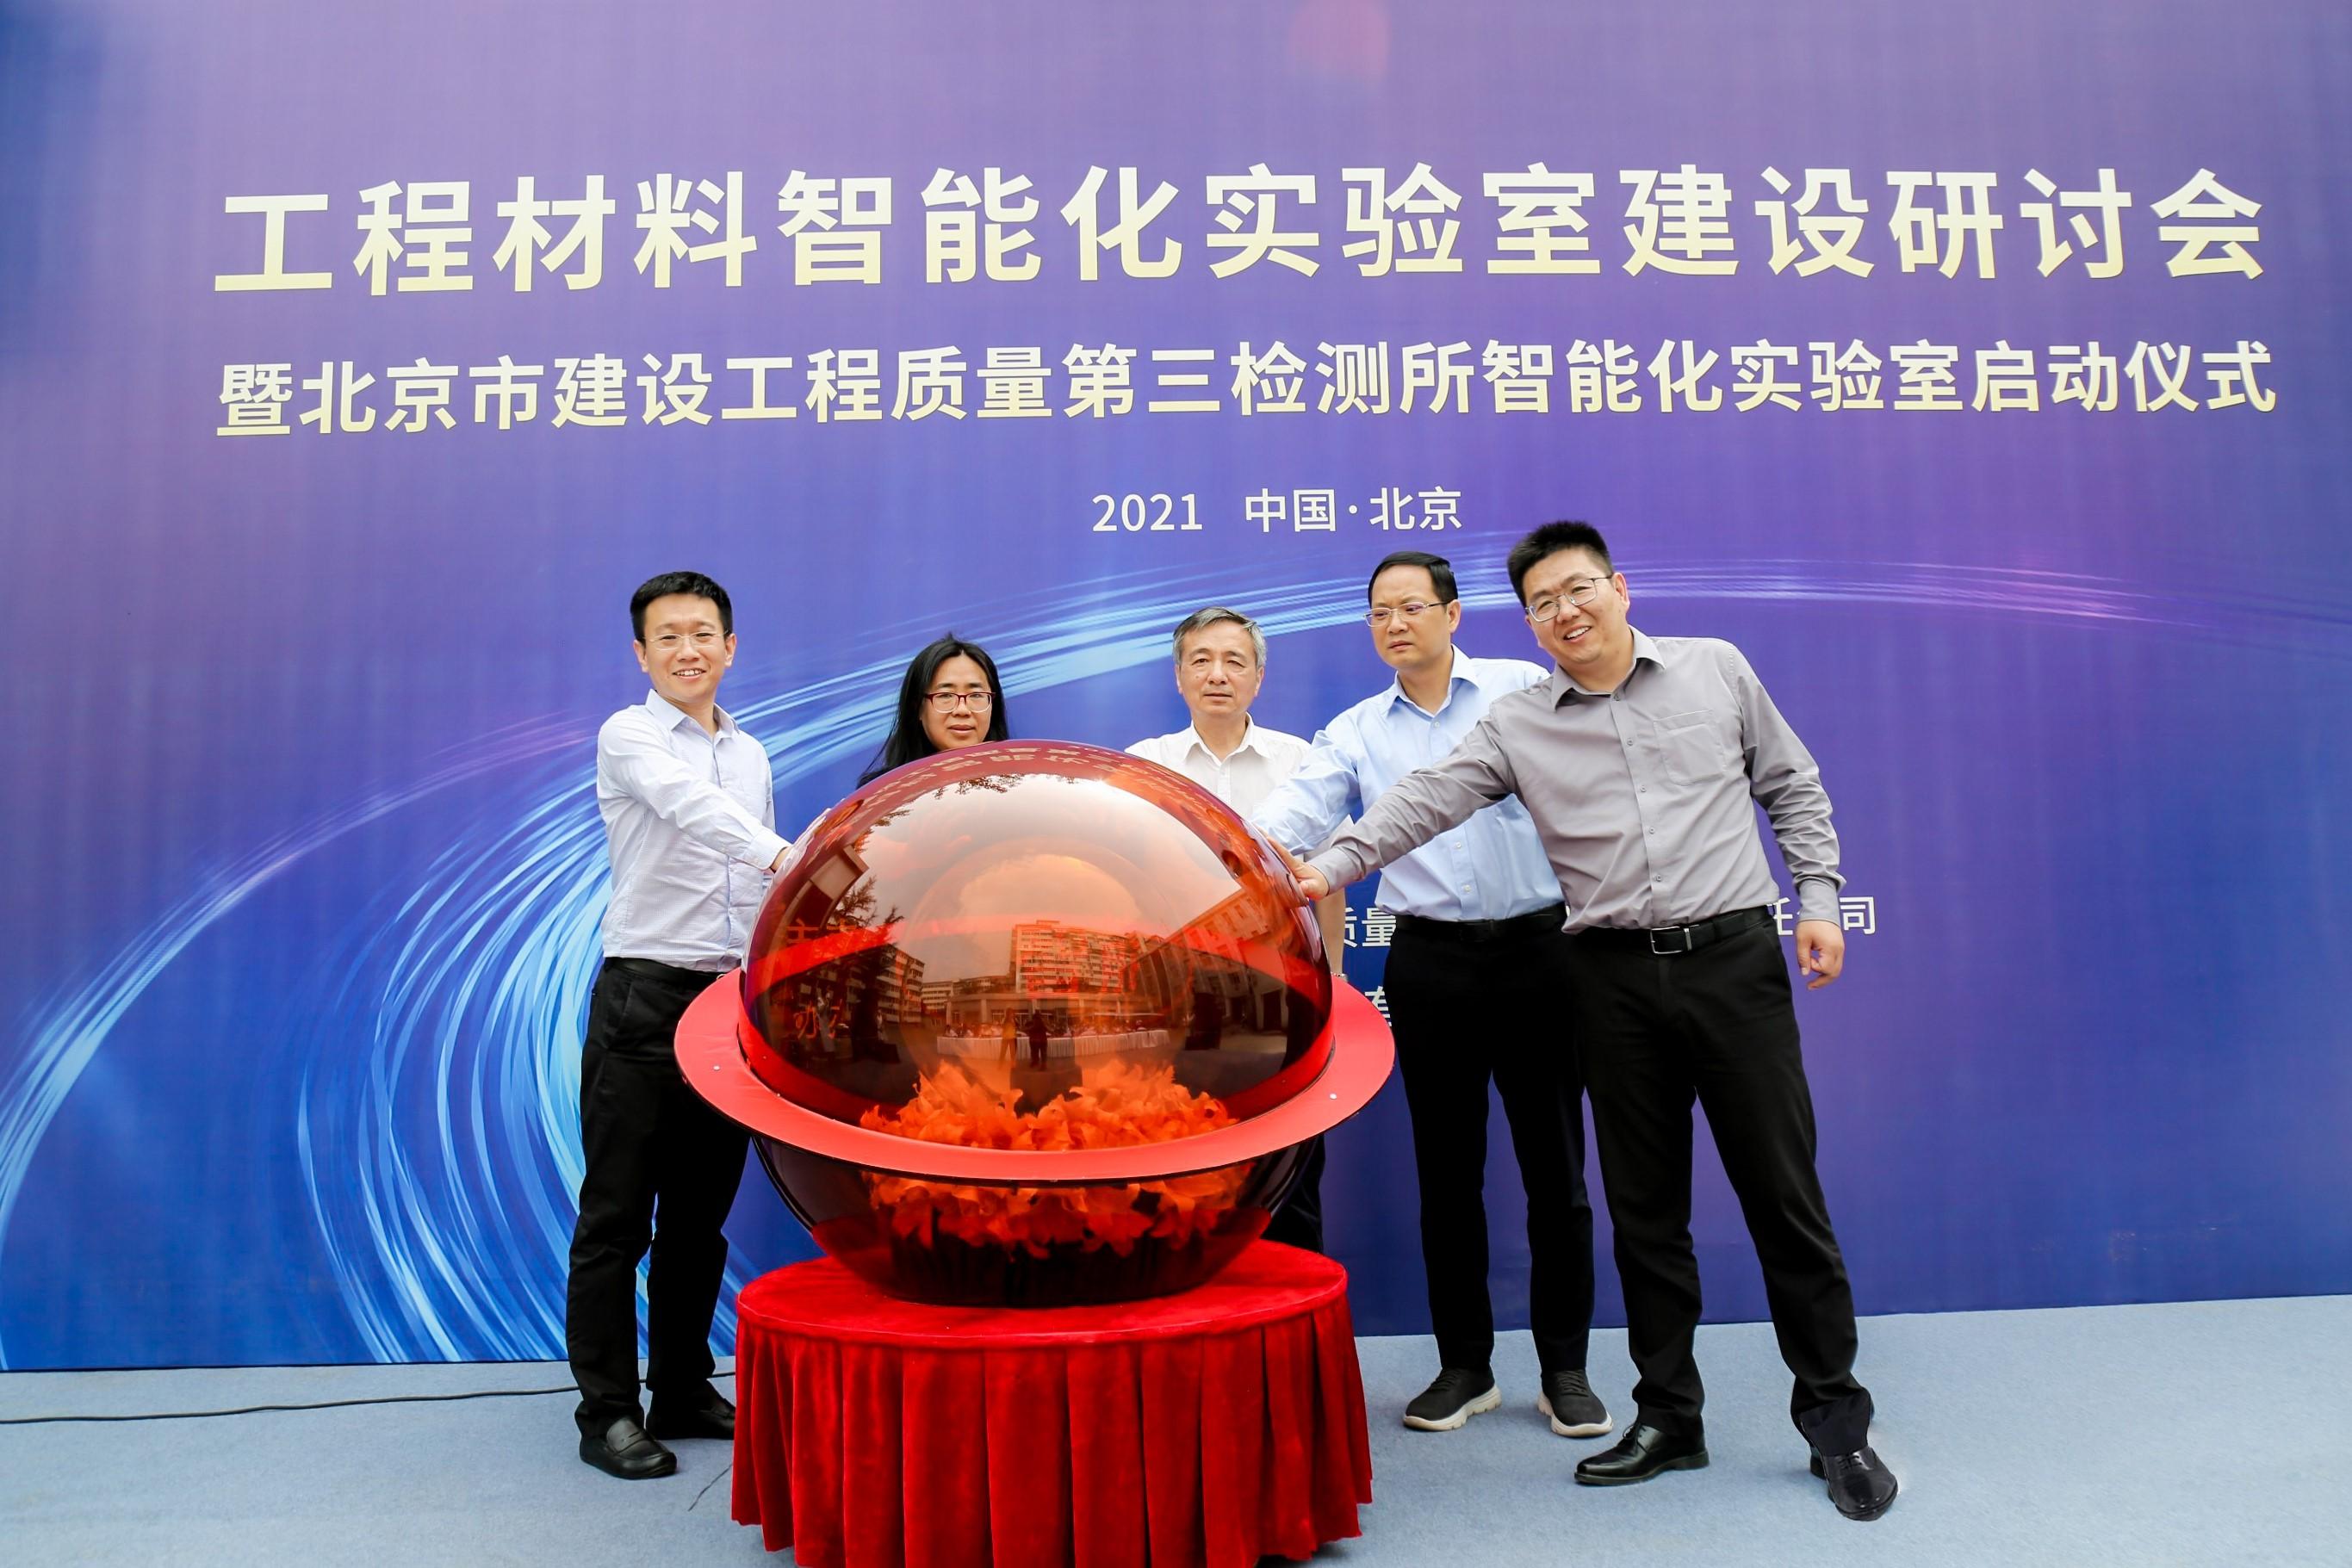 共话智能技术 共绘美好愿景 科技发展公司三检所举行智能化实验室启动仪式